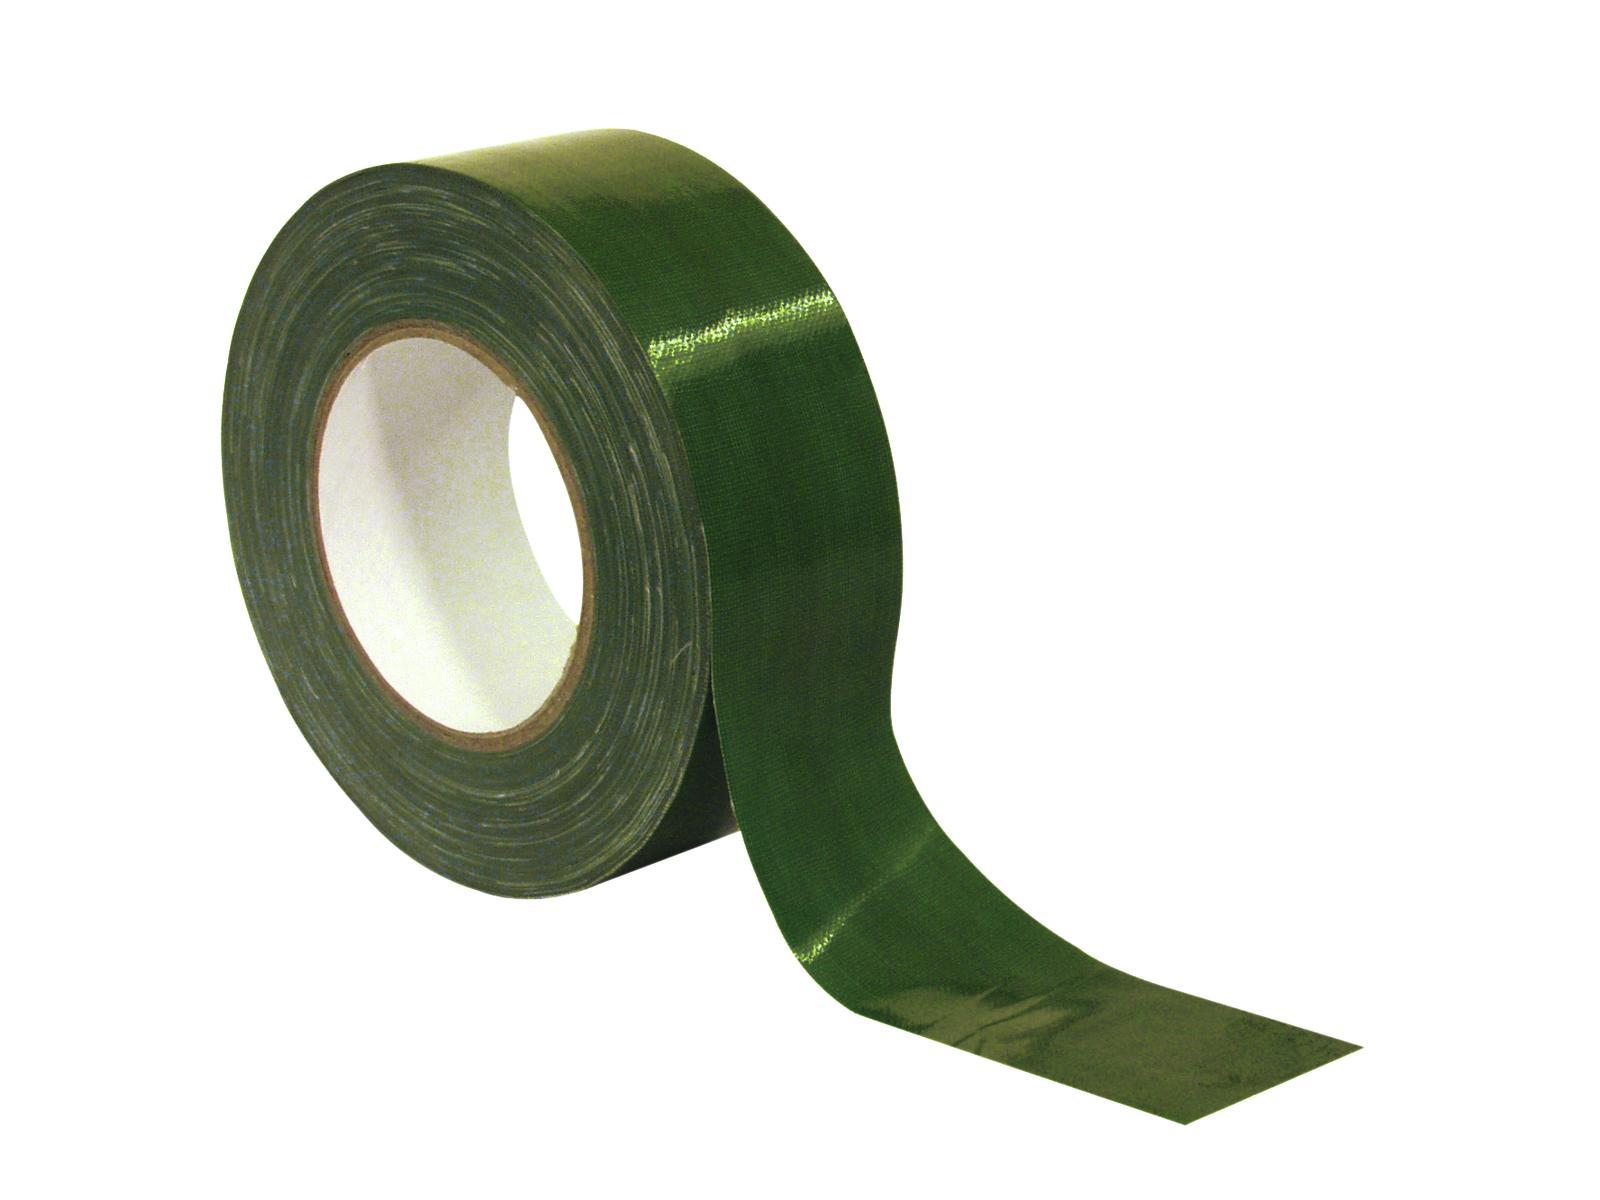 ACCESSORY Gaffa Tape Pro 50mm x 50m grün